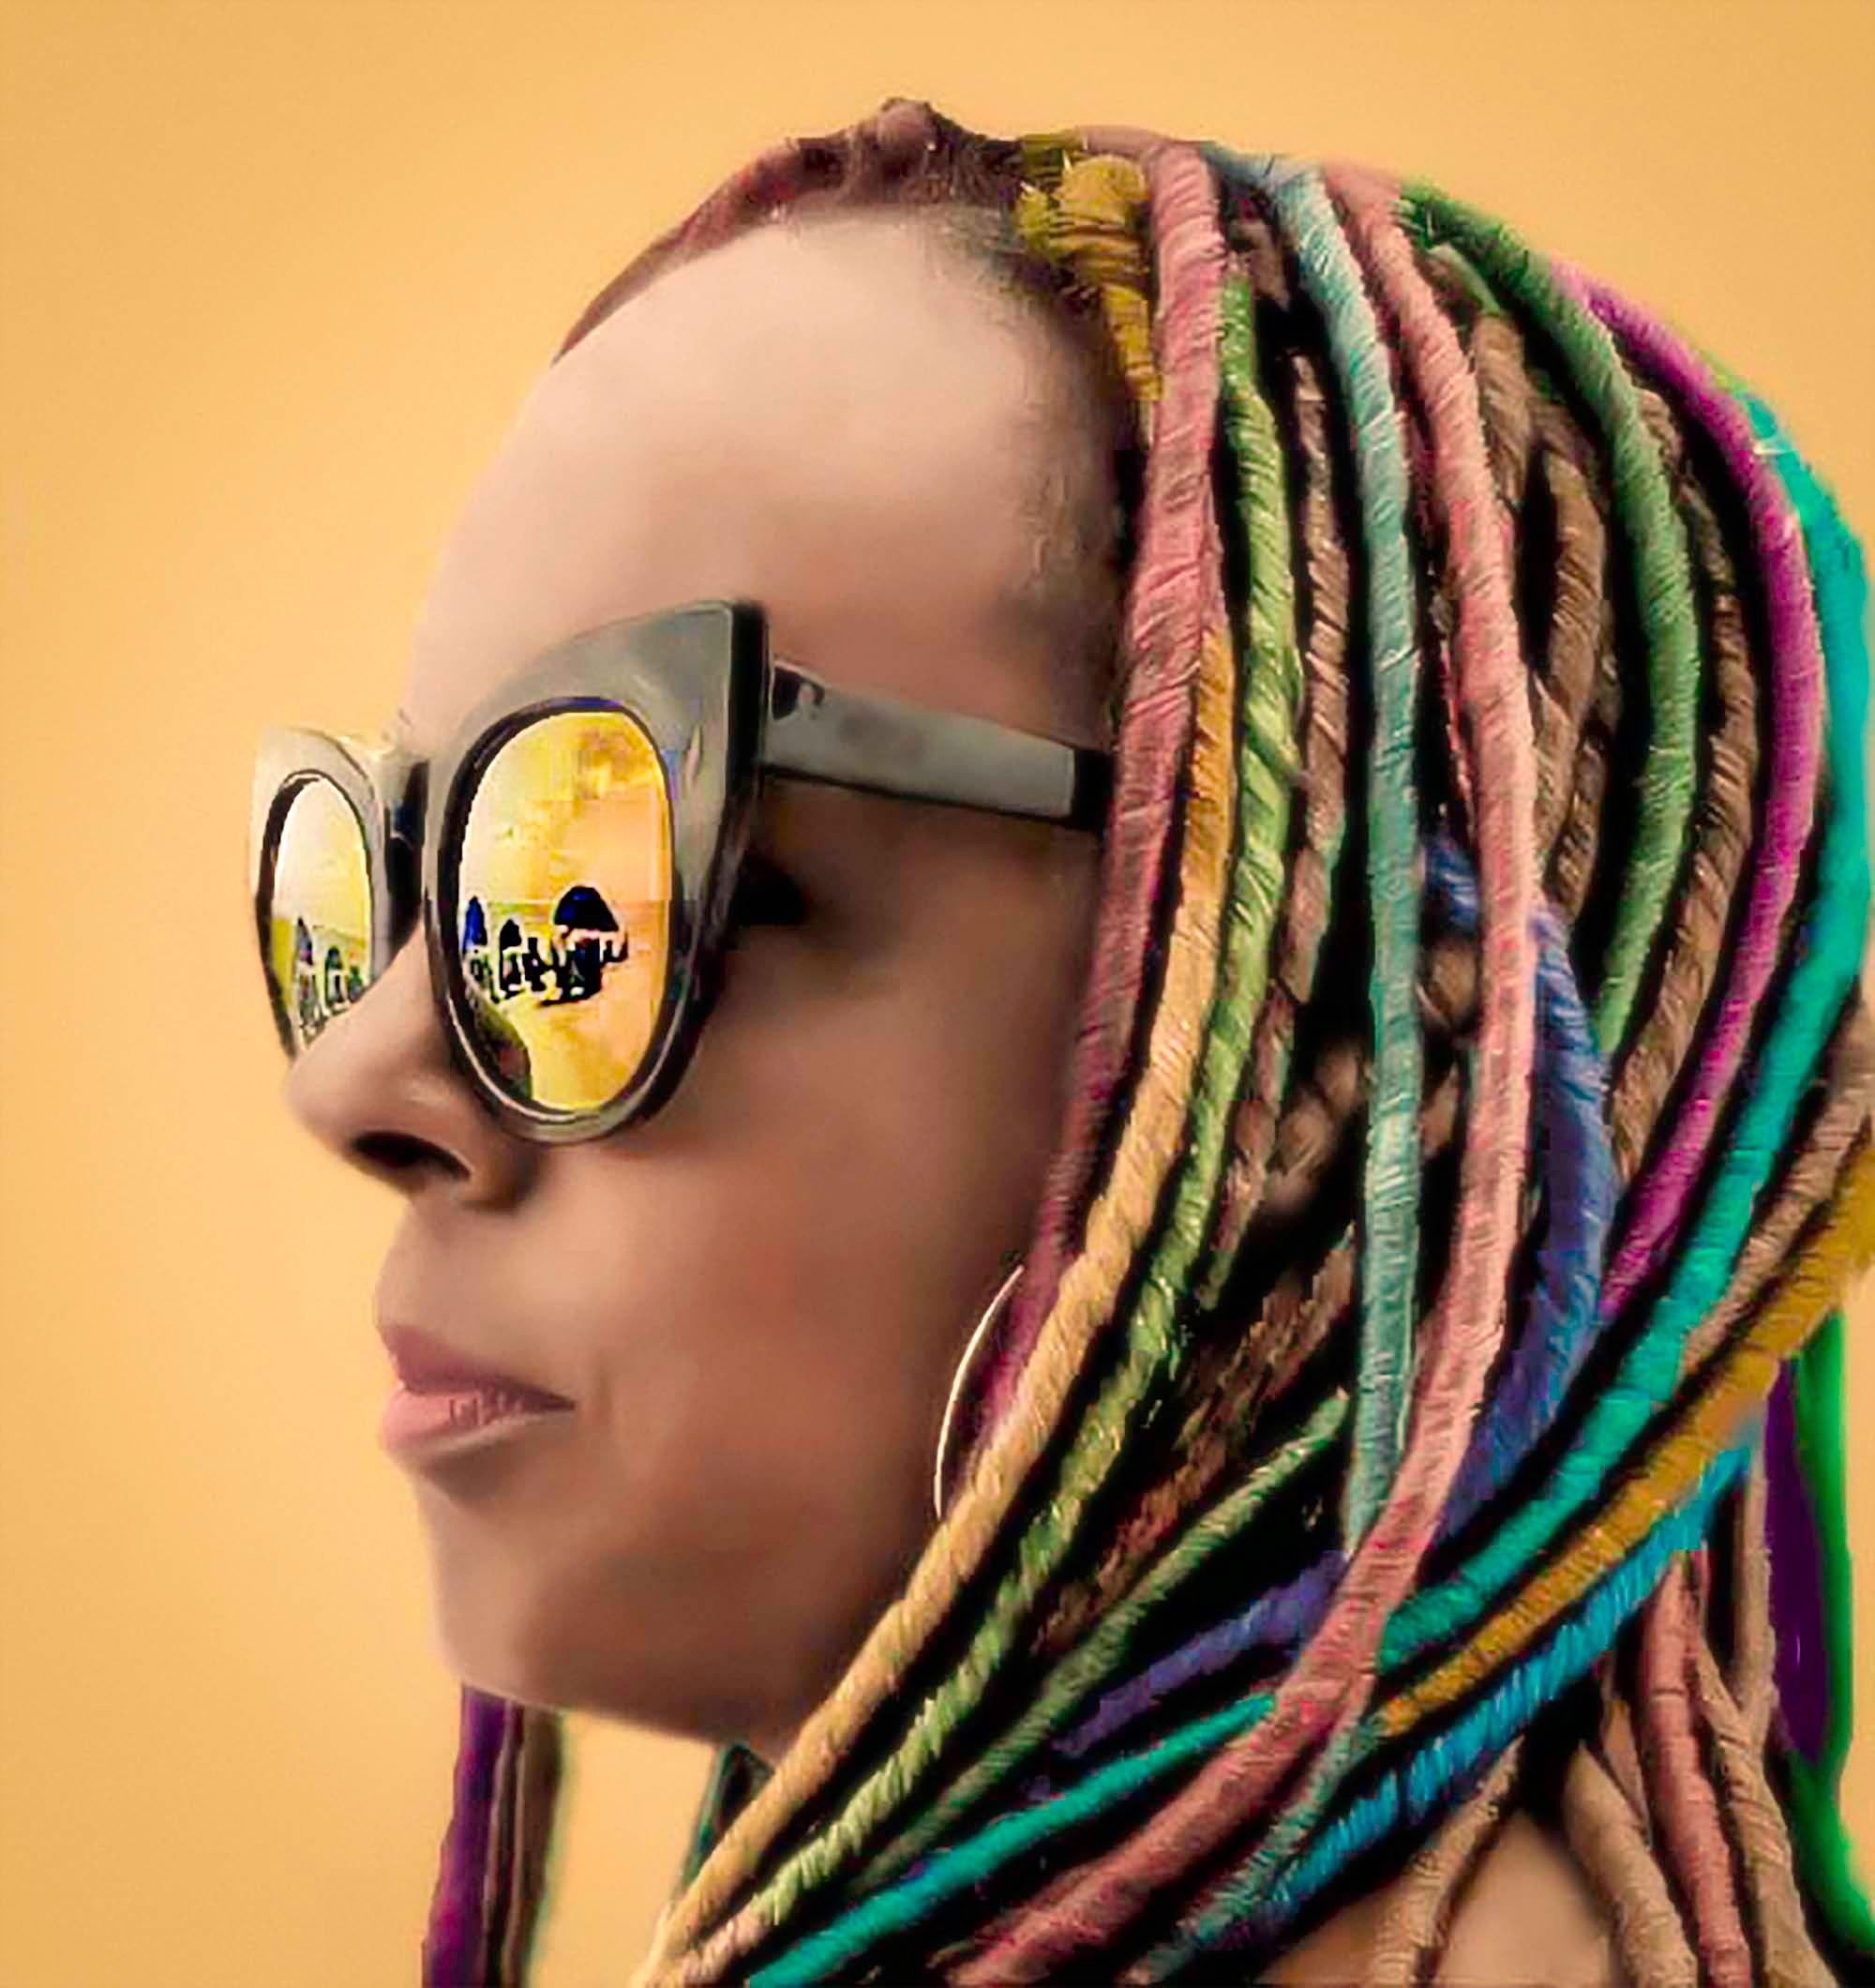 Woman wearing sunglasses photo